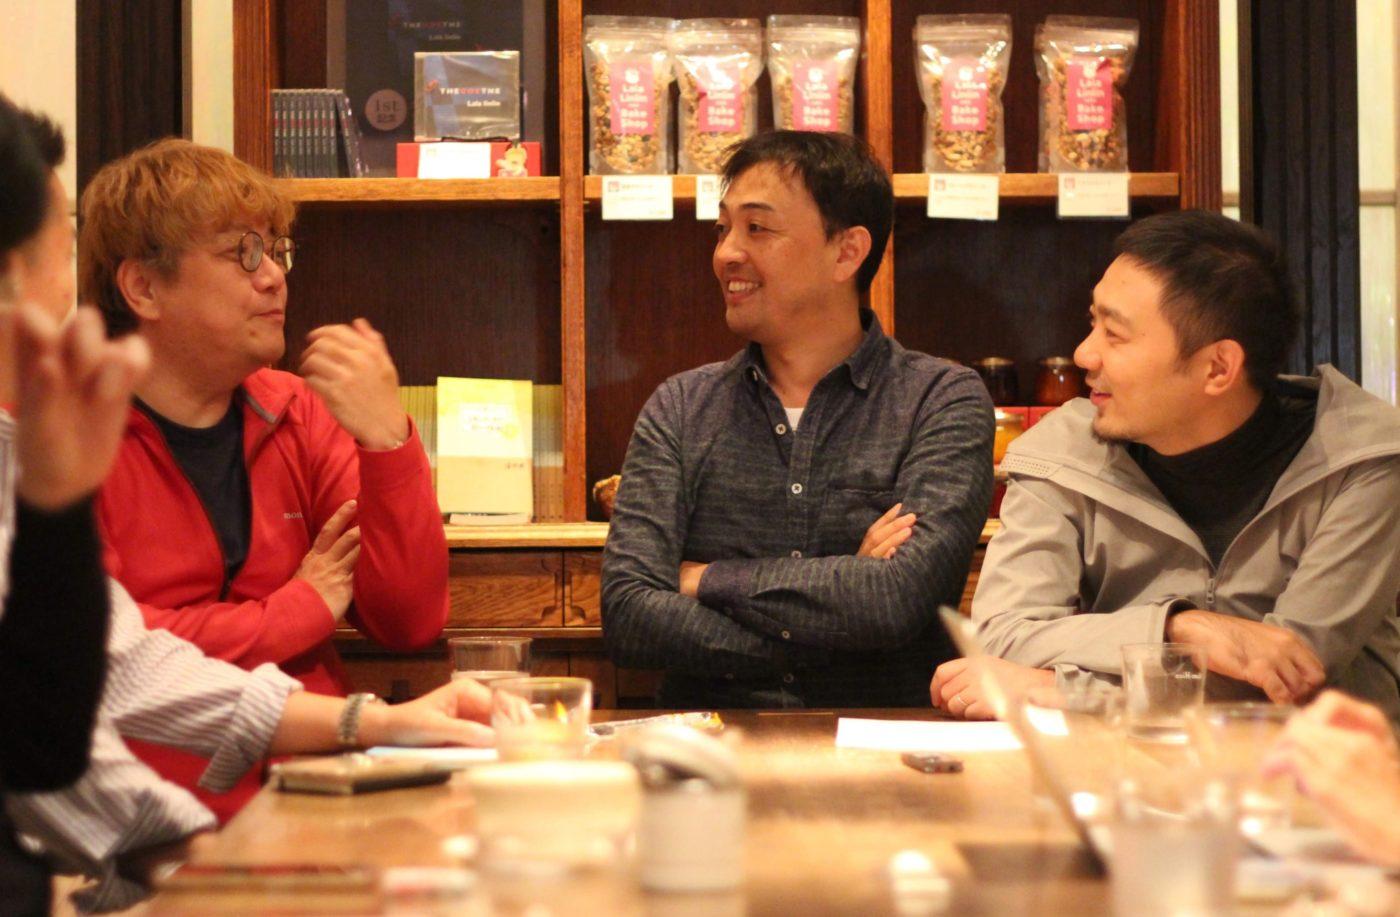 佐渡島、コーヒー飲めるようになったってよ。